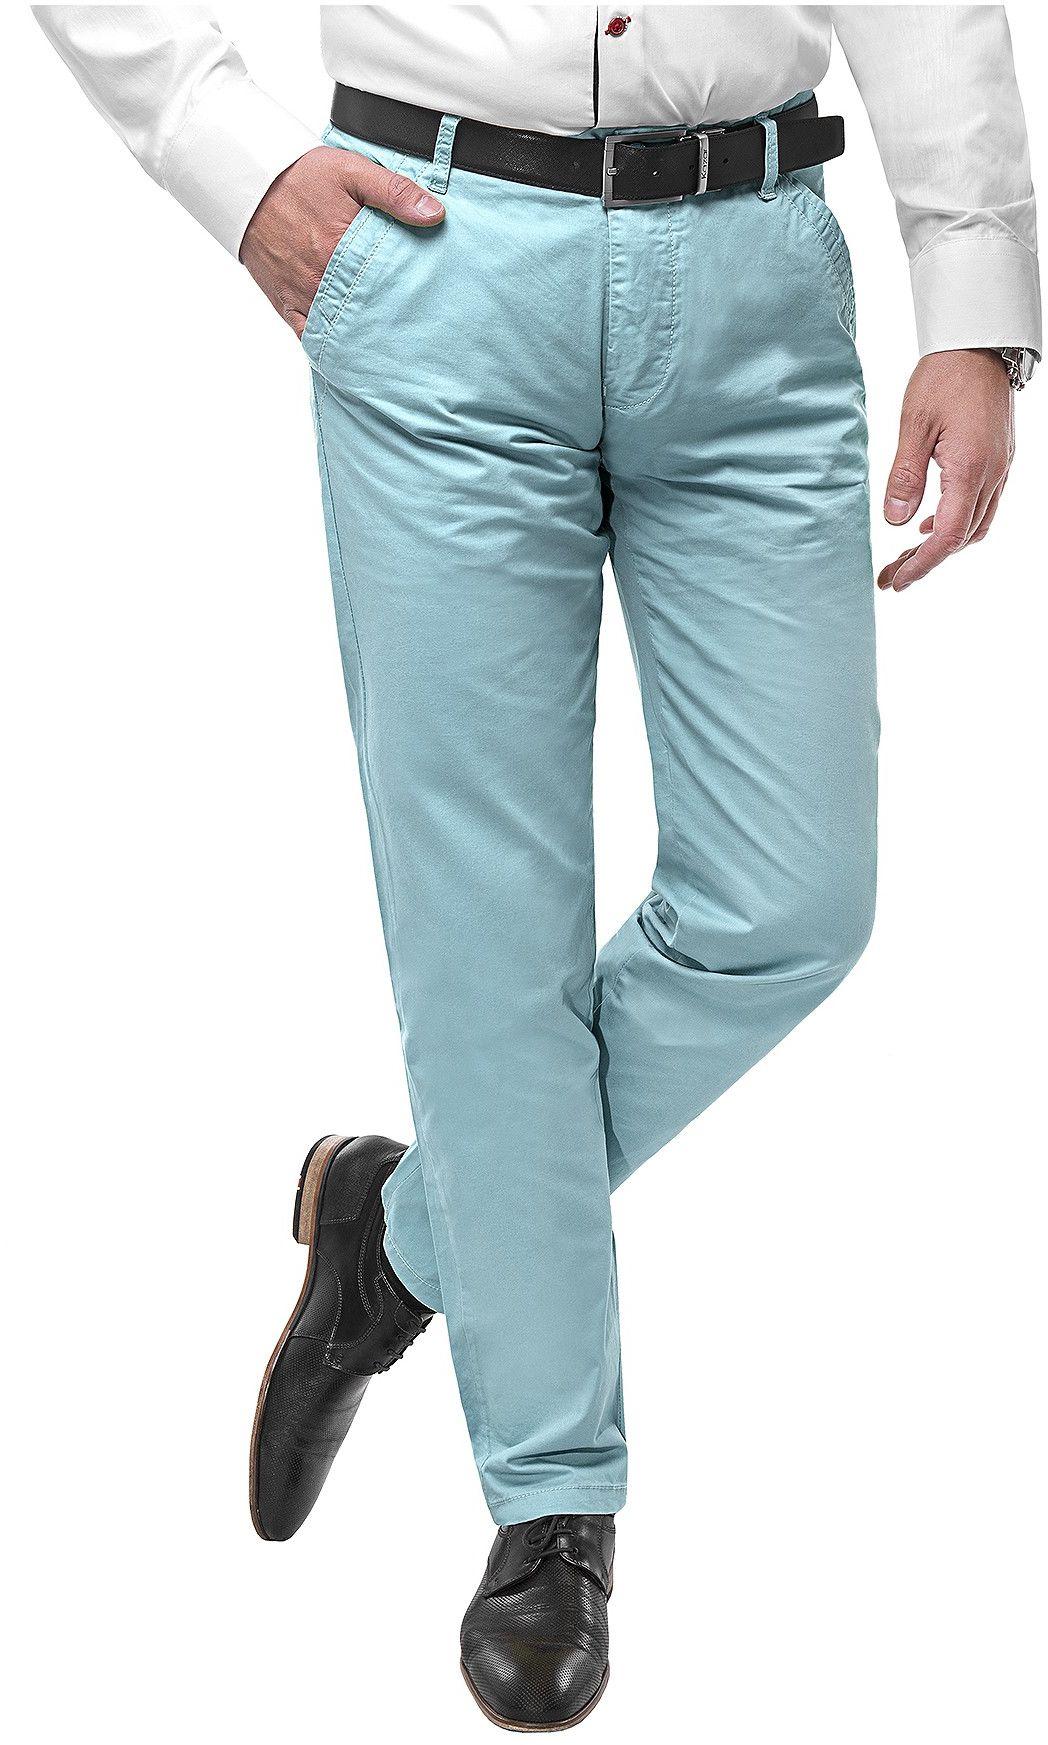 Spodnie męskie chinosy -SB512- cyjan